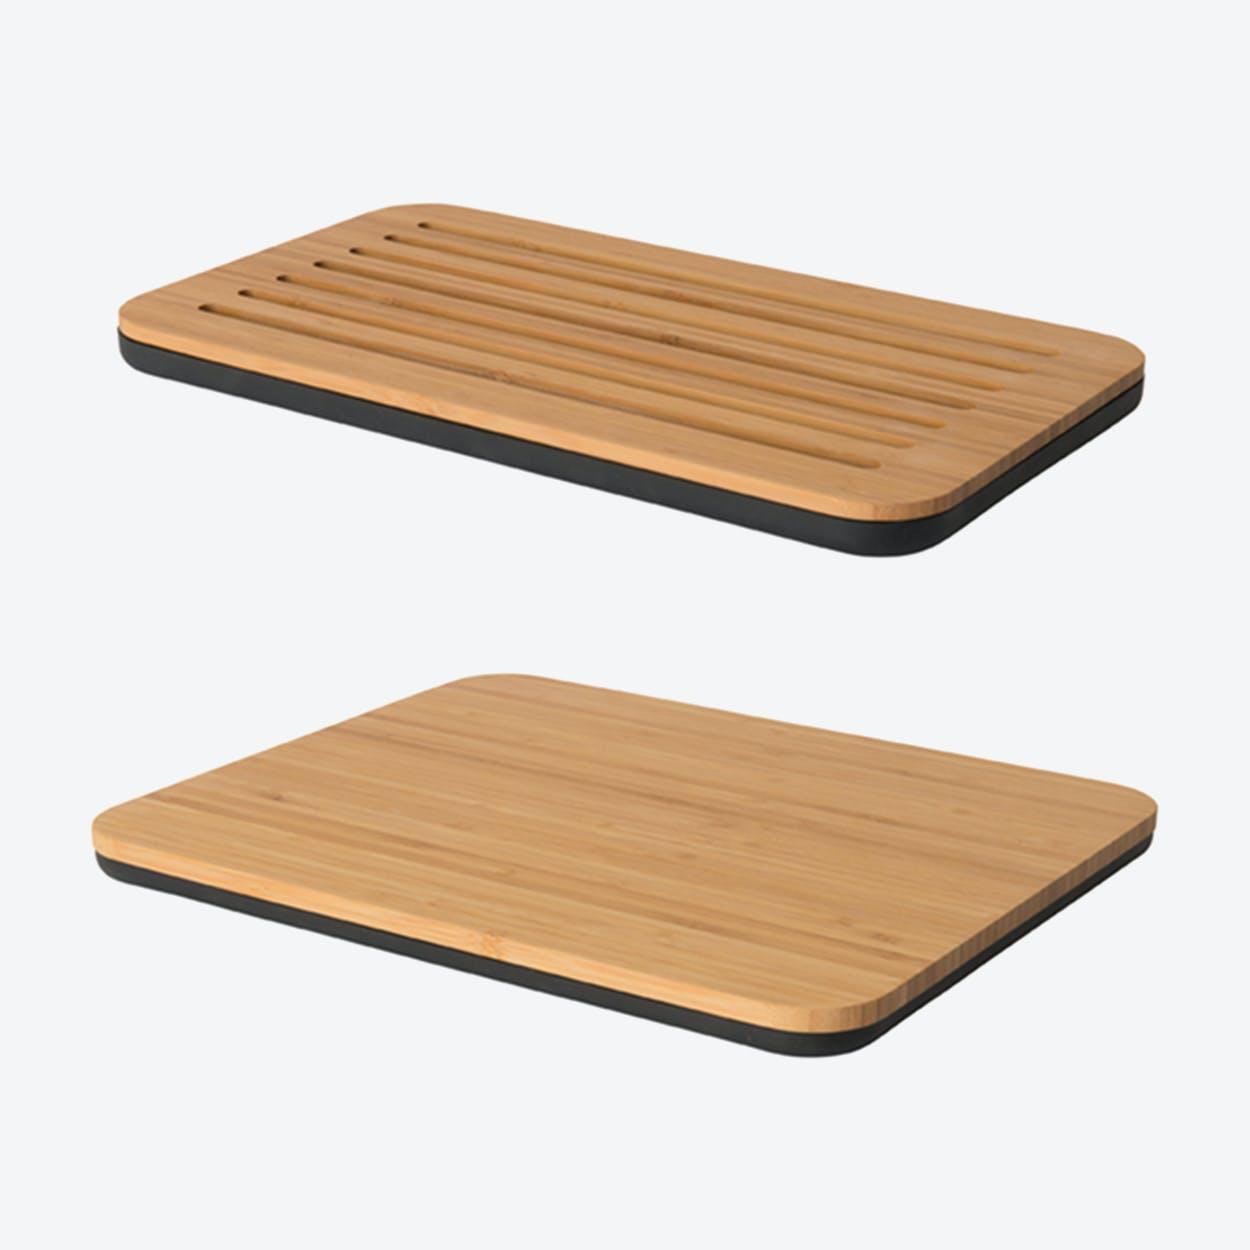 2-Sided Cutting Board Set